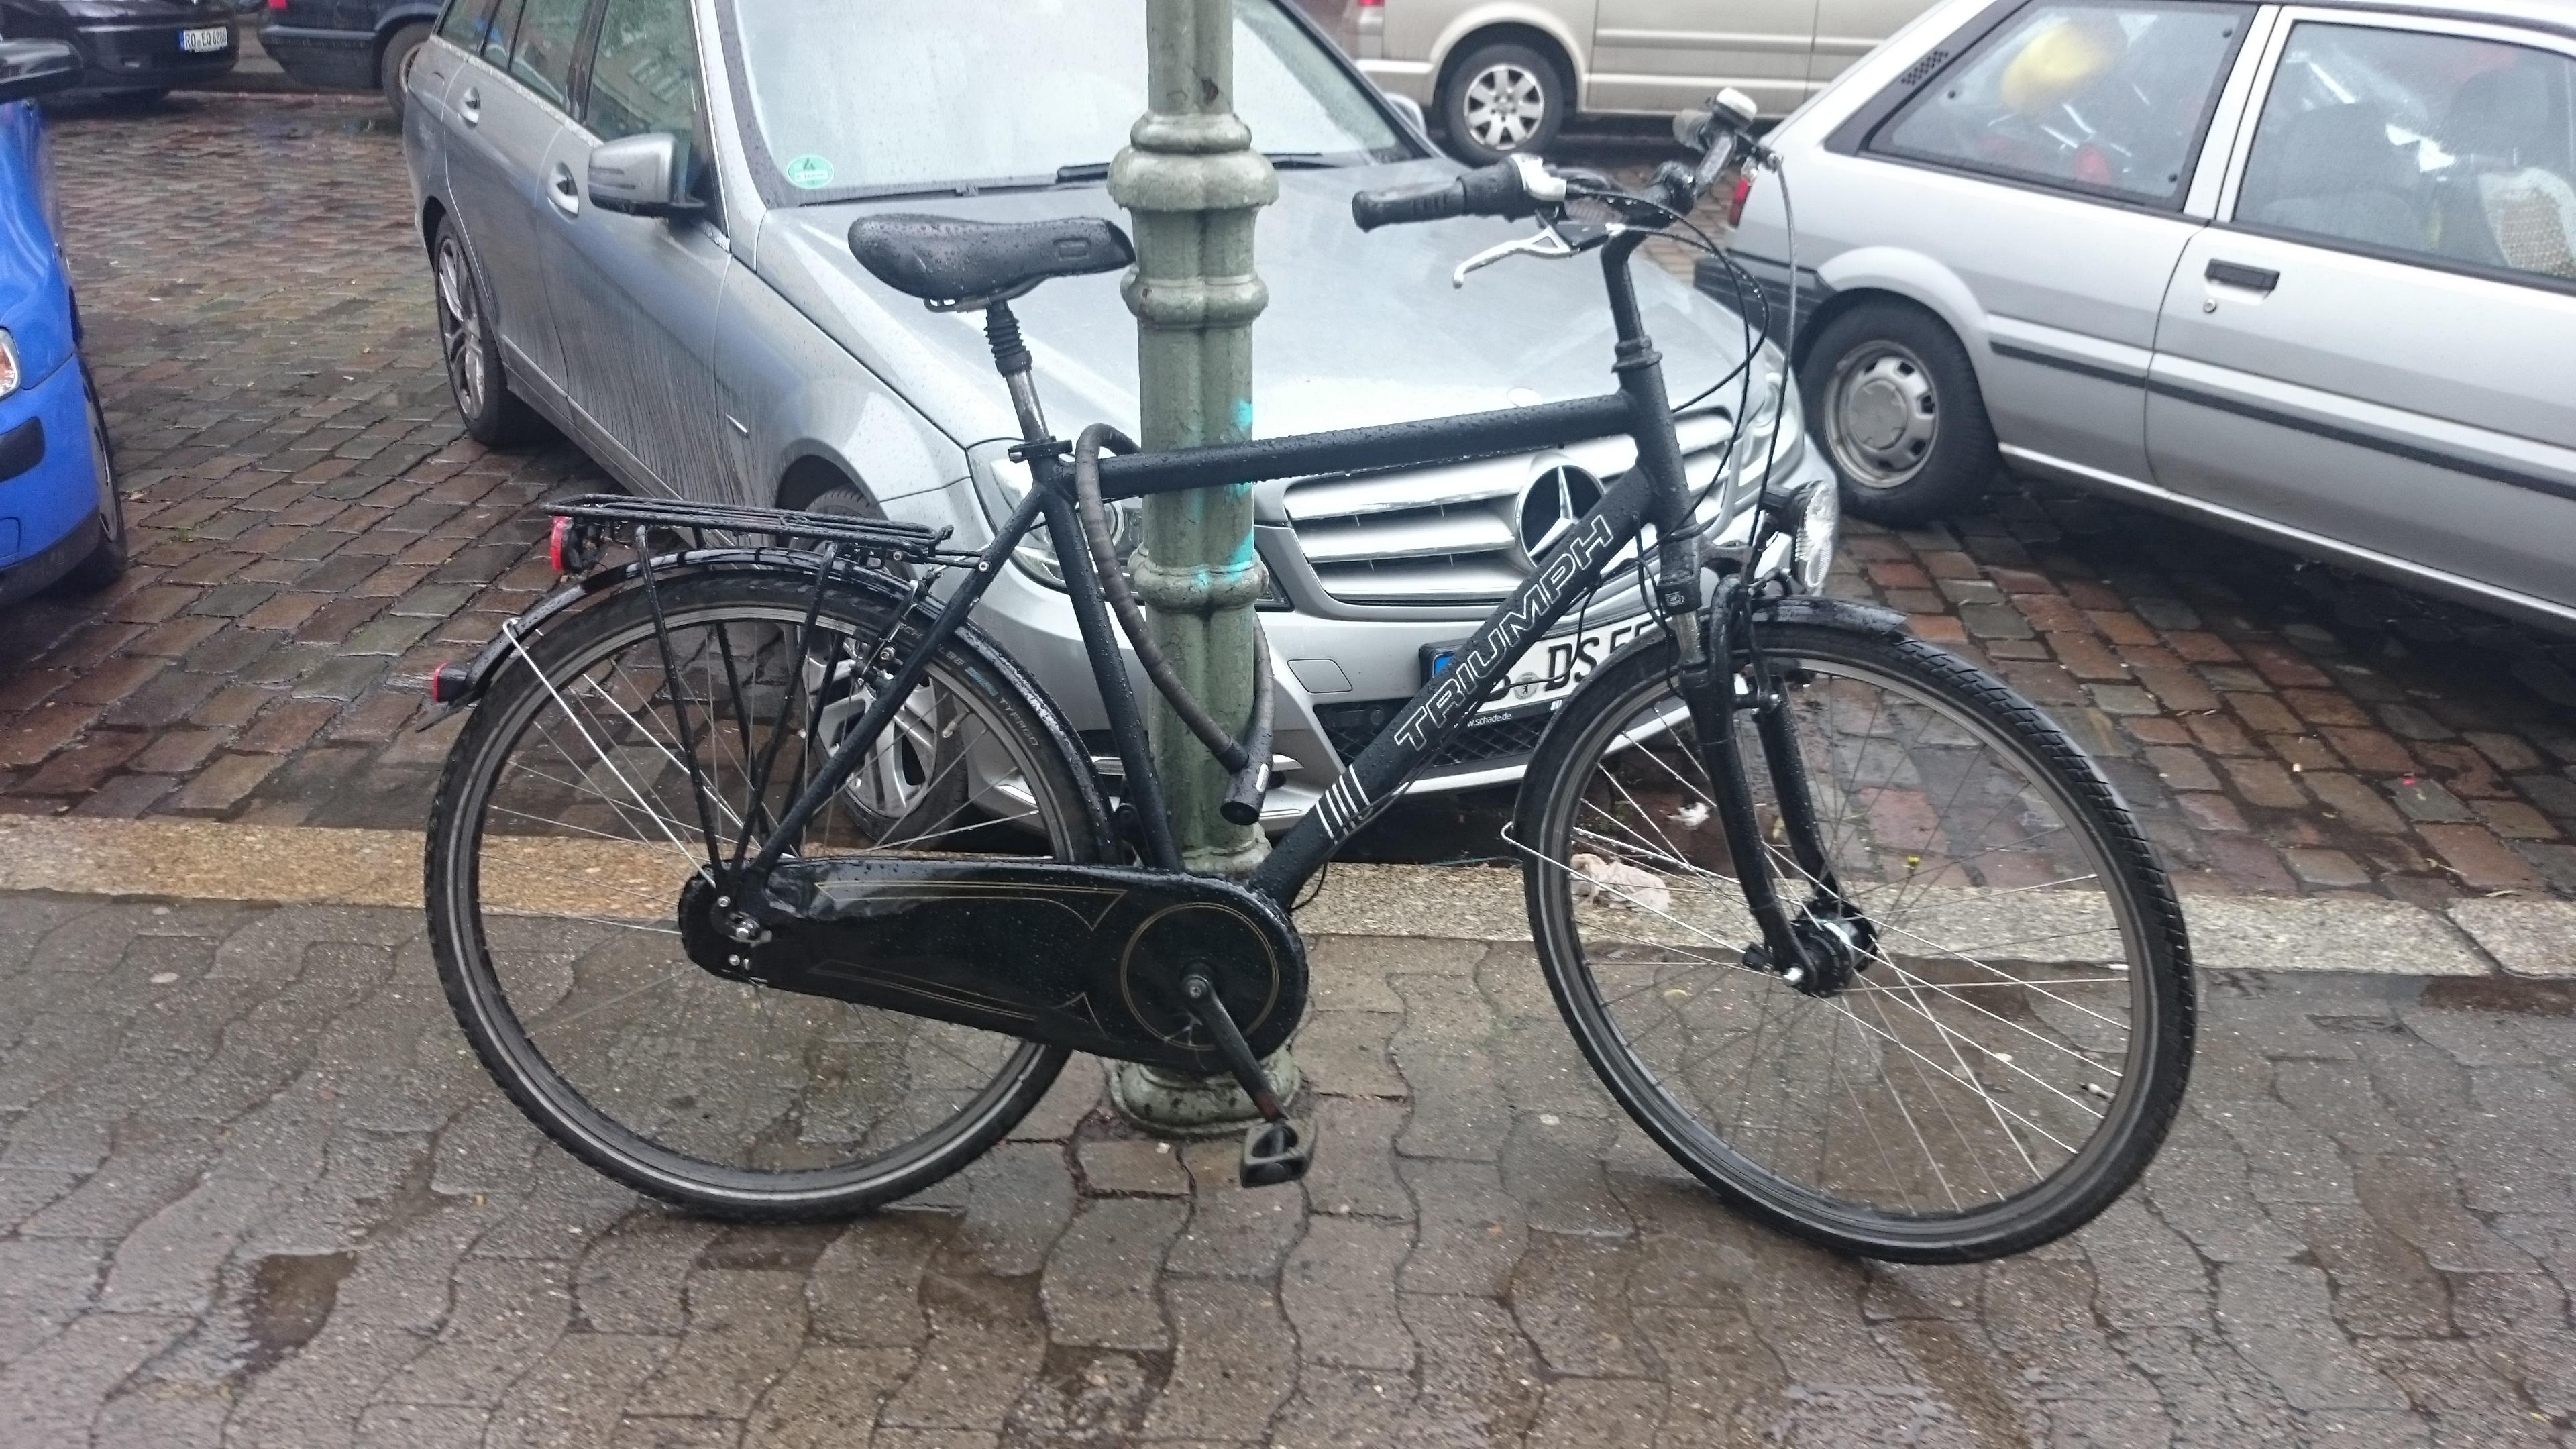 Das neue Fahrrad, bevor es geklaut wurde